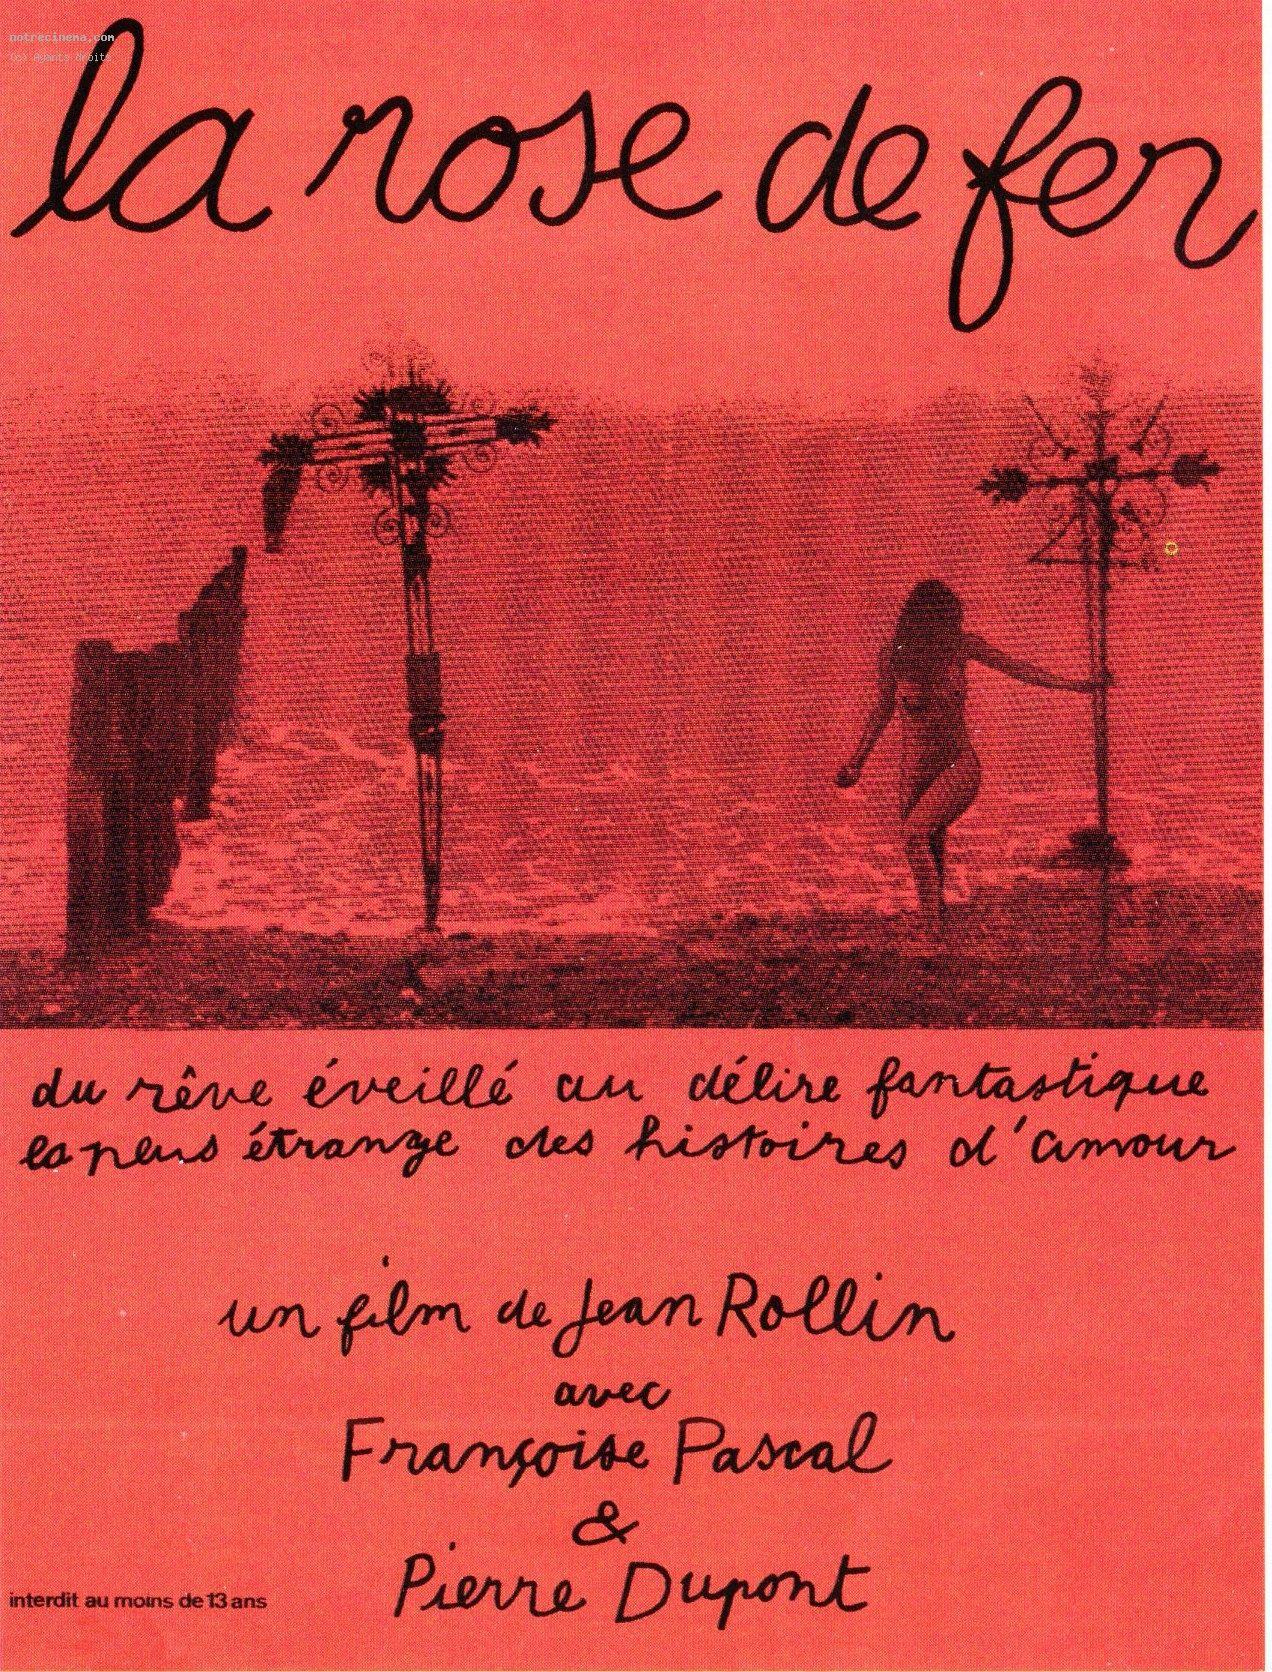 Votre dernier film visionné - Page 14 La_Rose_de_fer